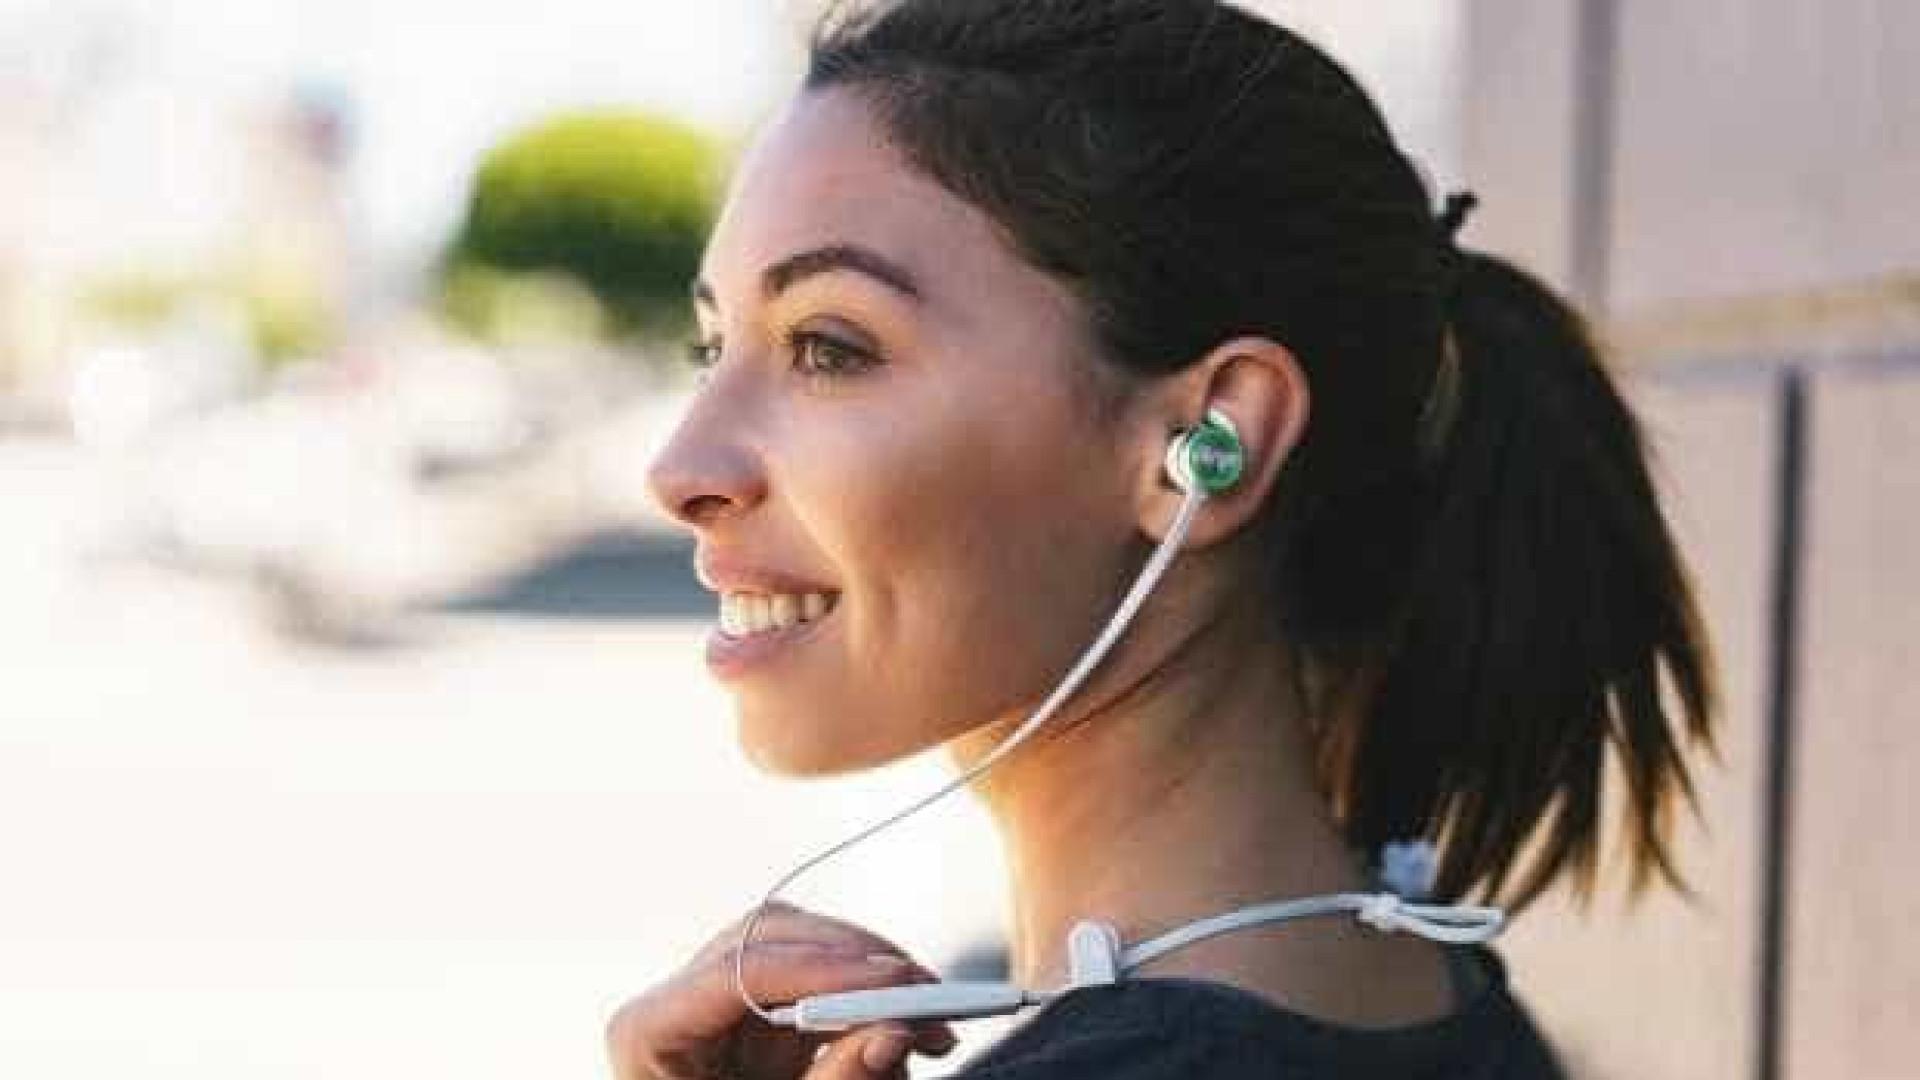 Wearhaus Beam, os phones que mudam de cor e permitem partilha musical